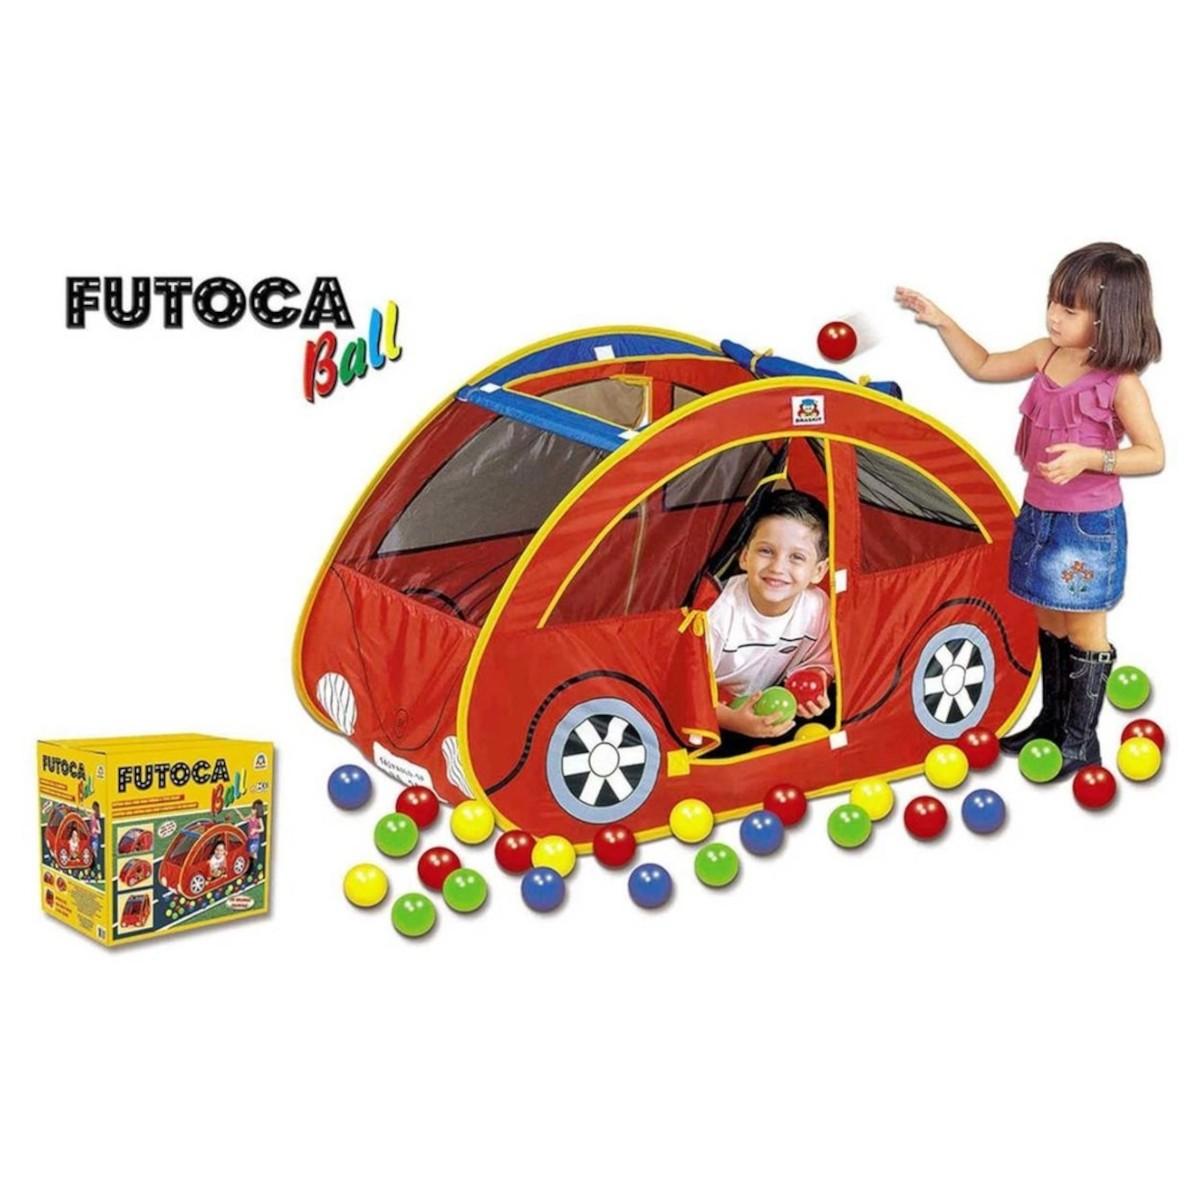 Barraca Infantil Futoca Ball Com 150 Bolinhas Braskit